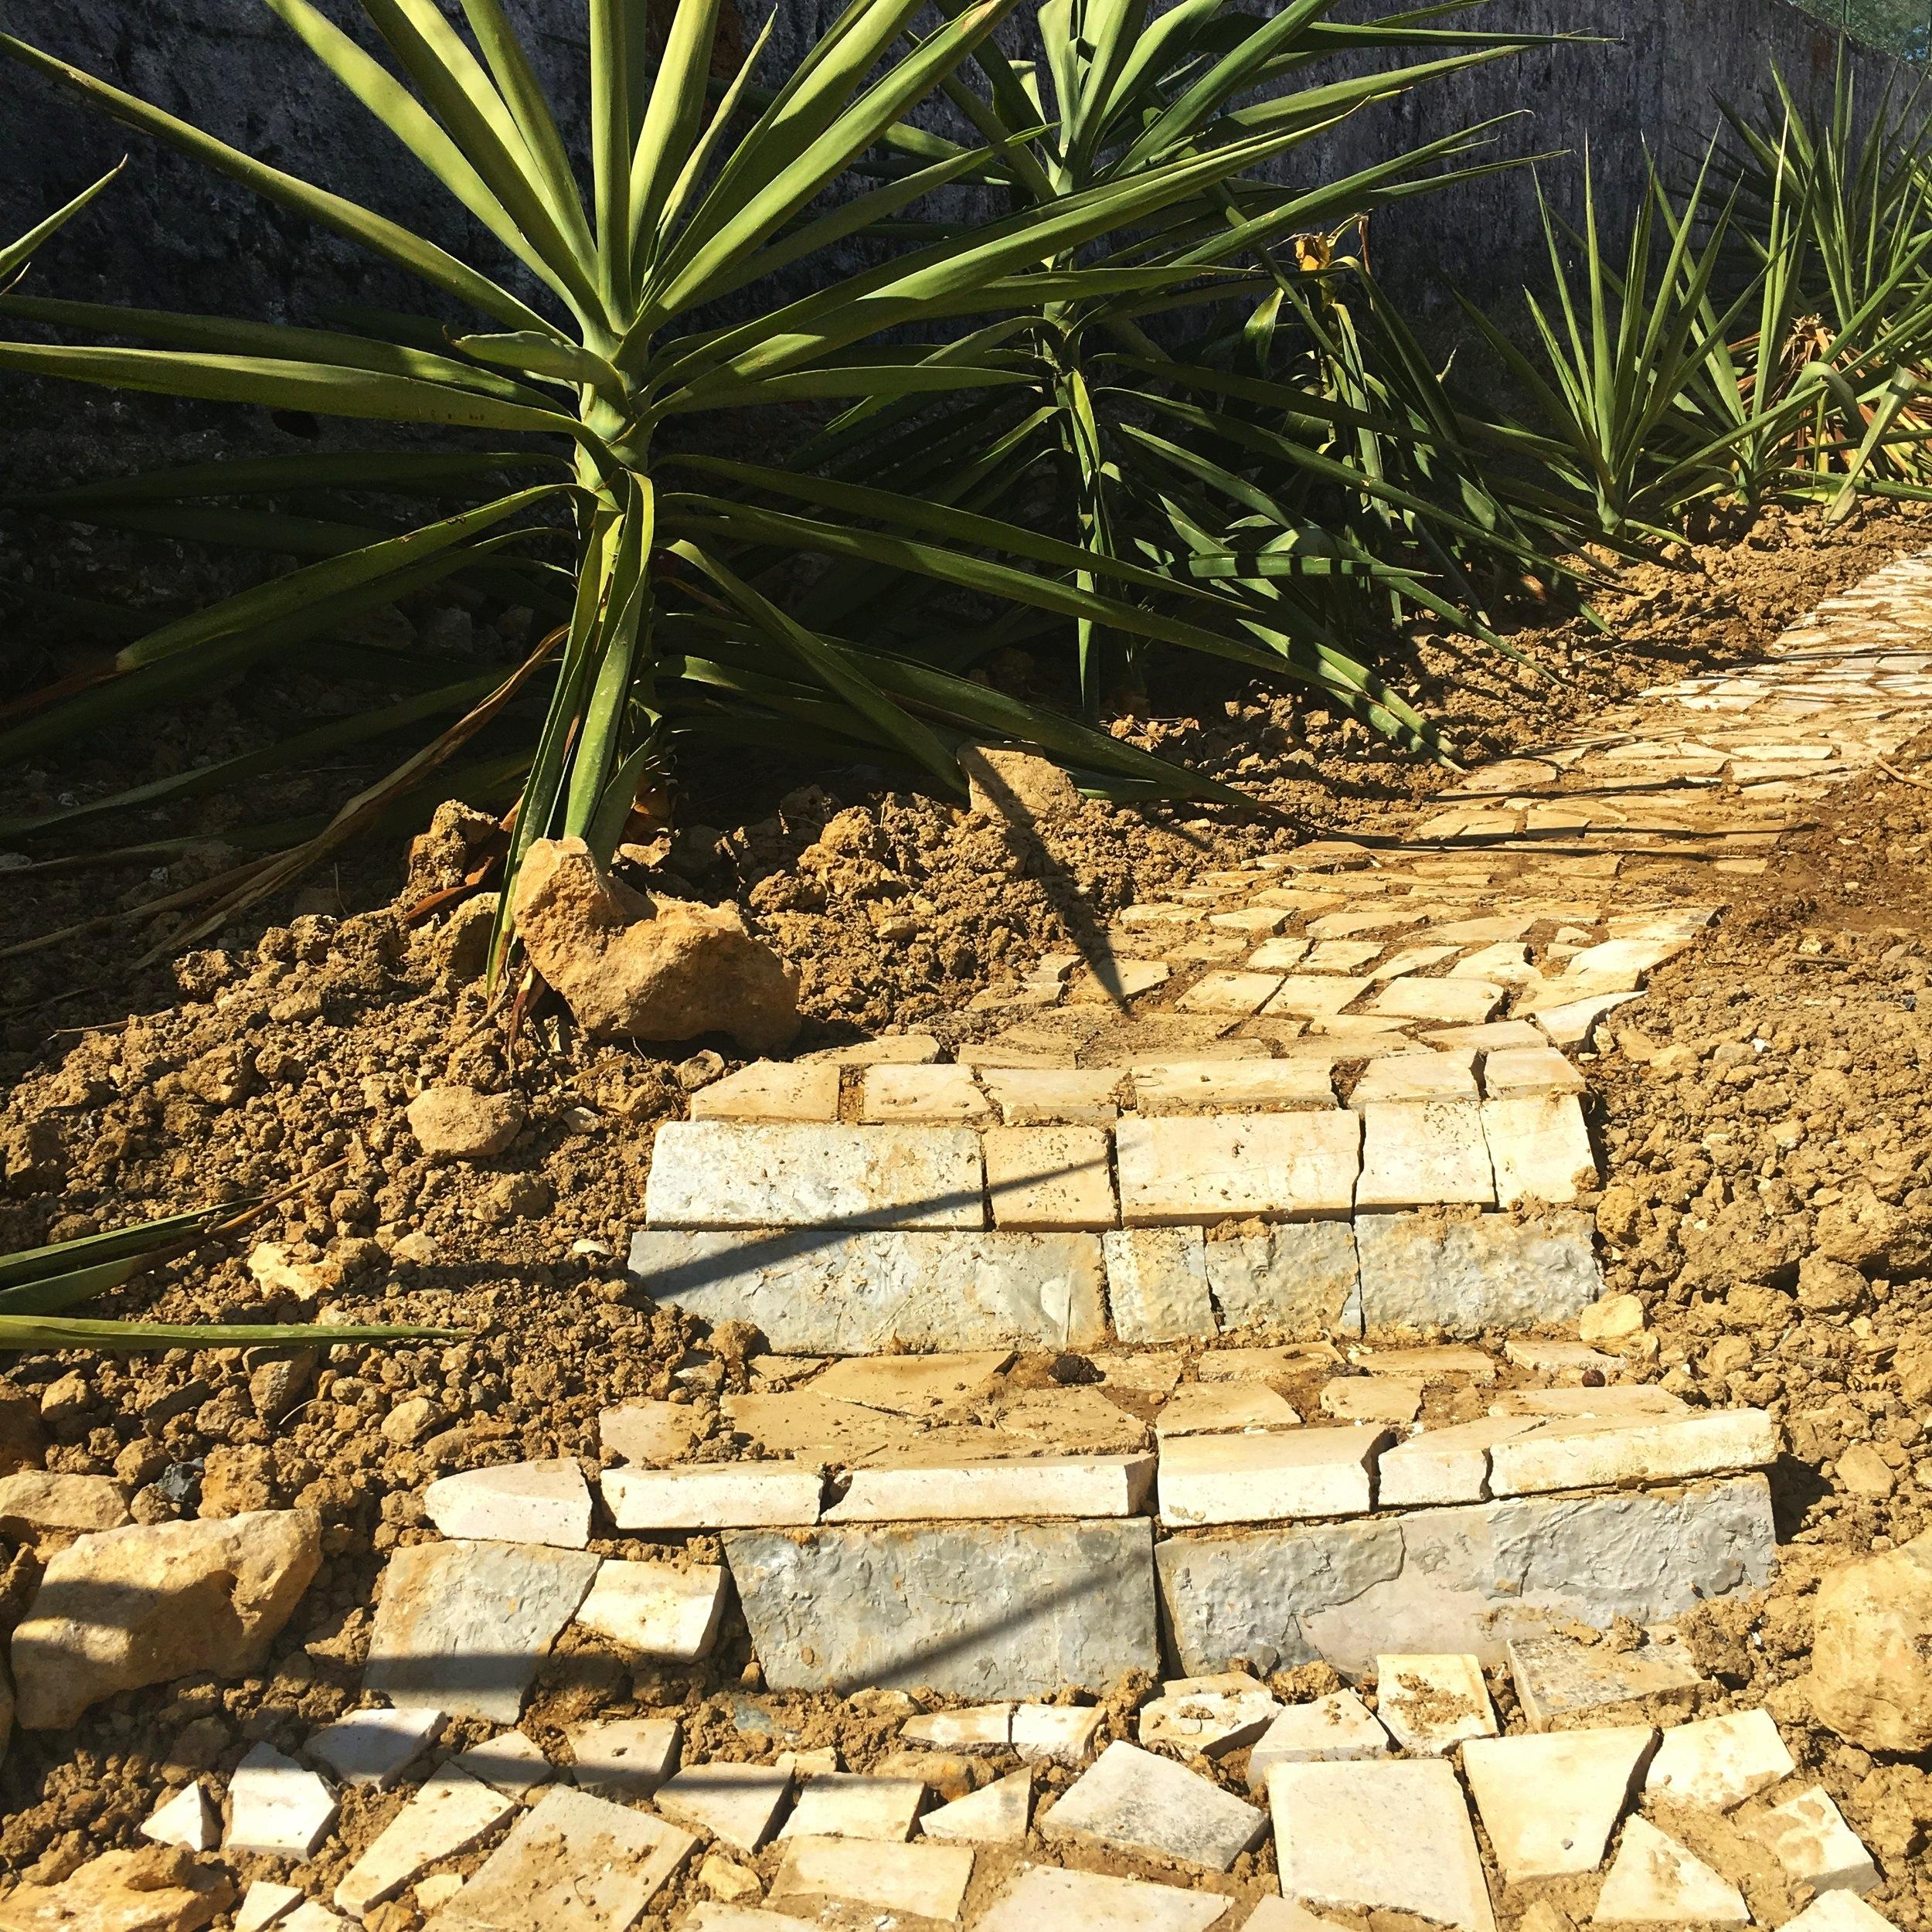 Art-cafe-garden-path-mosaic.jpg